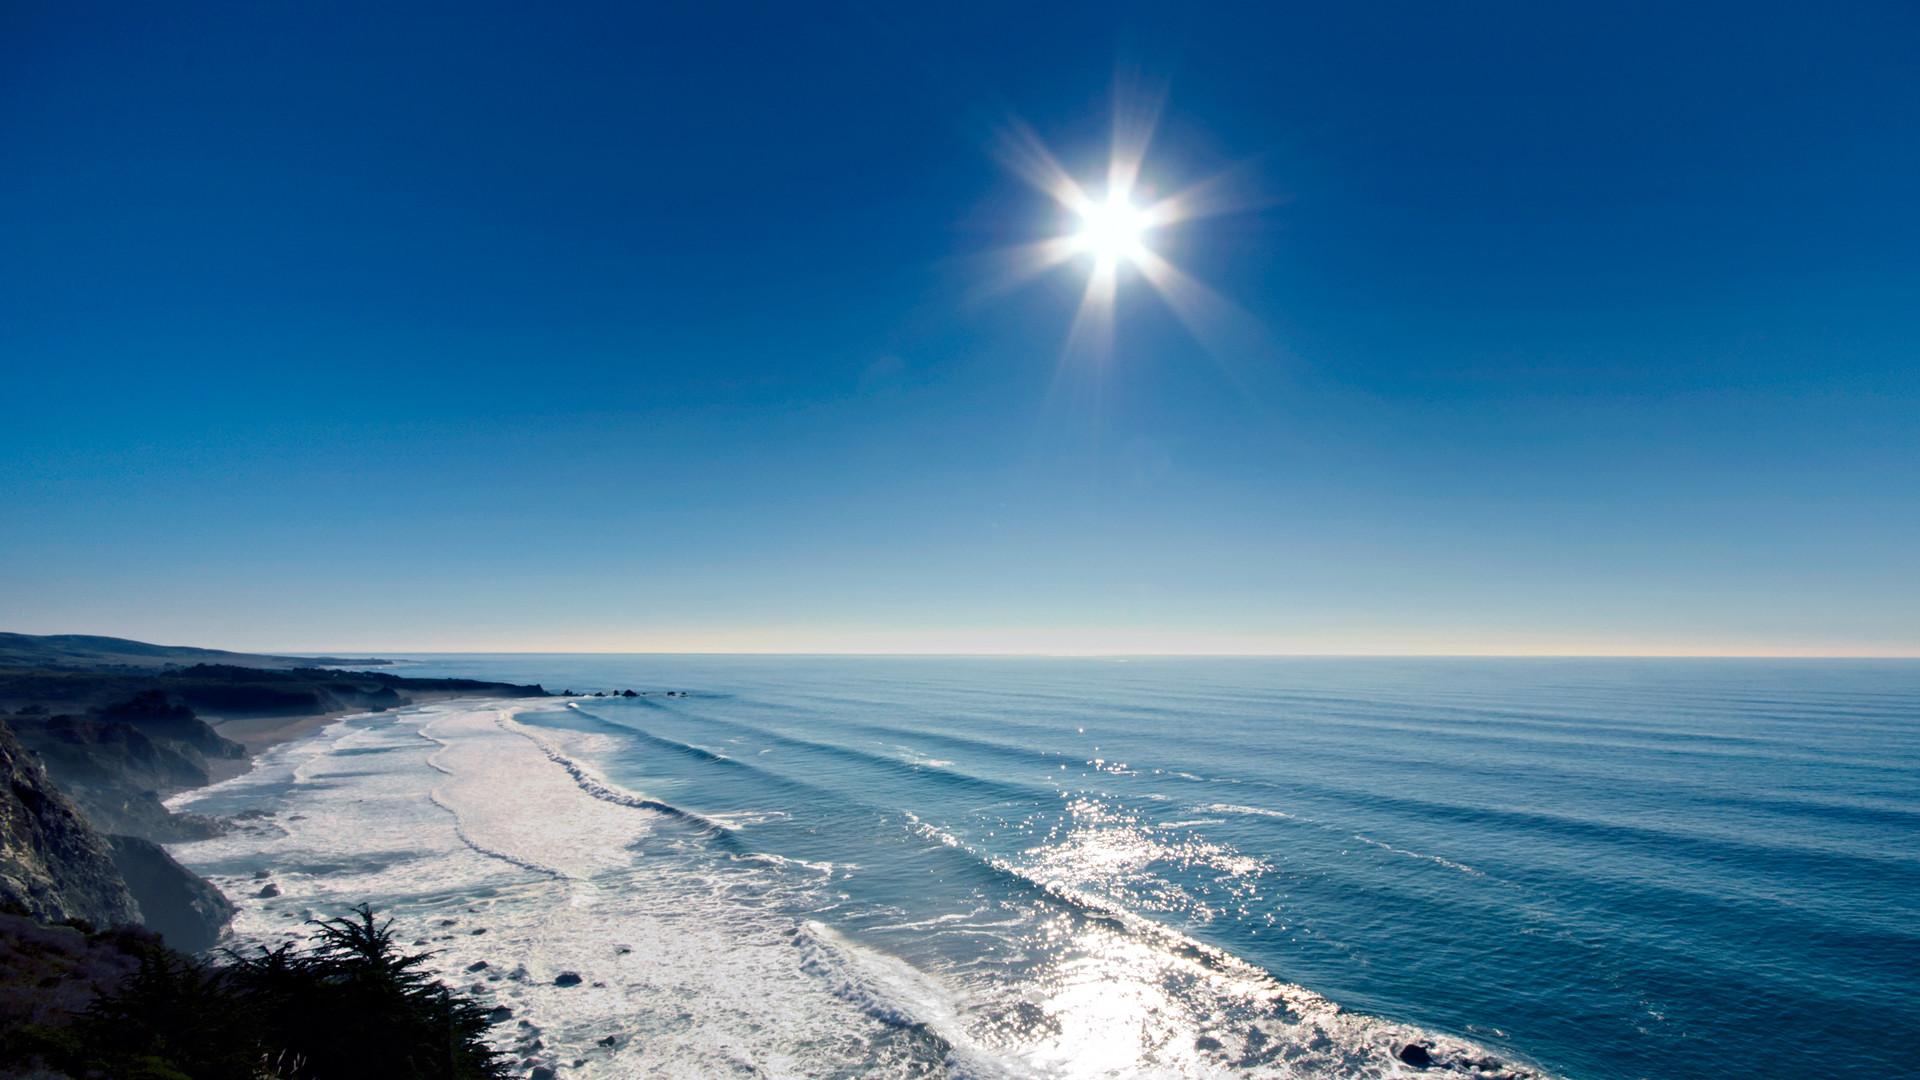 Ocean Nature Backgrounds Free – https://whatstrendingonline.com/ocean-nature